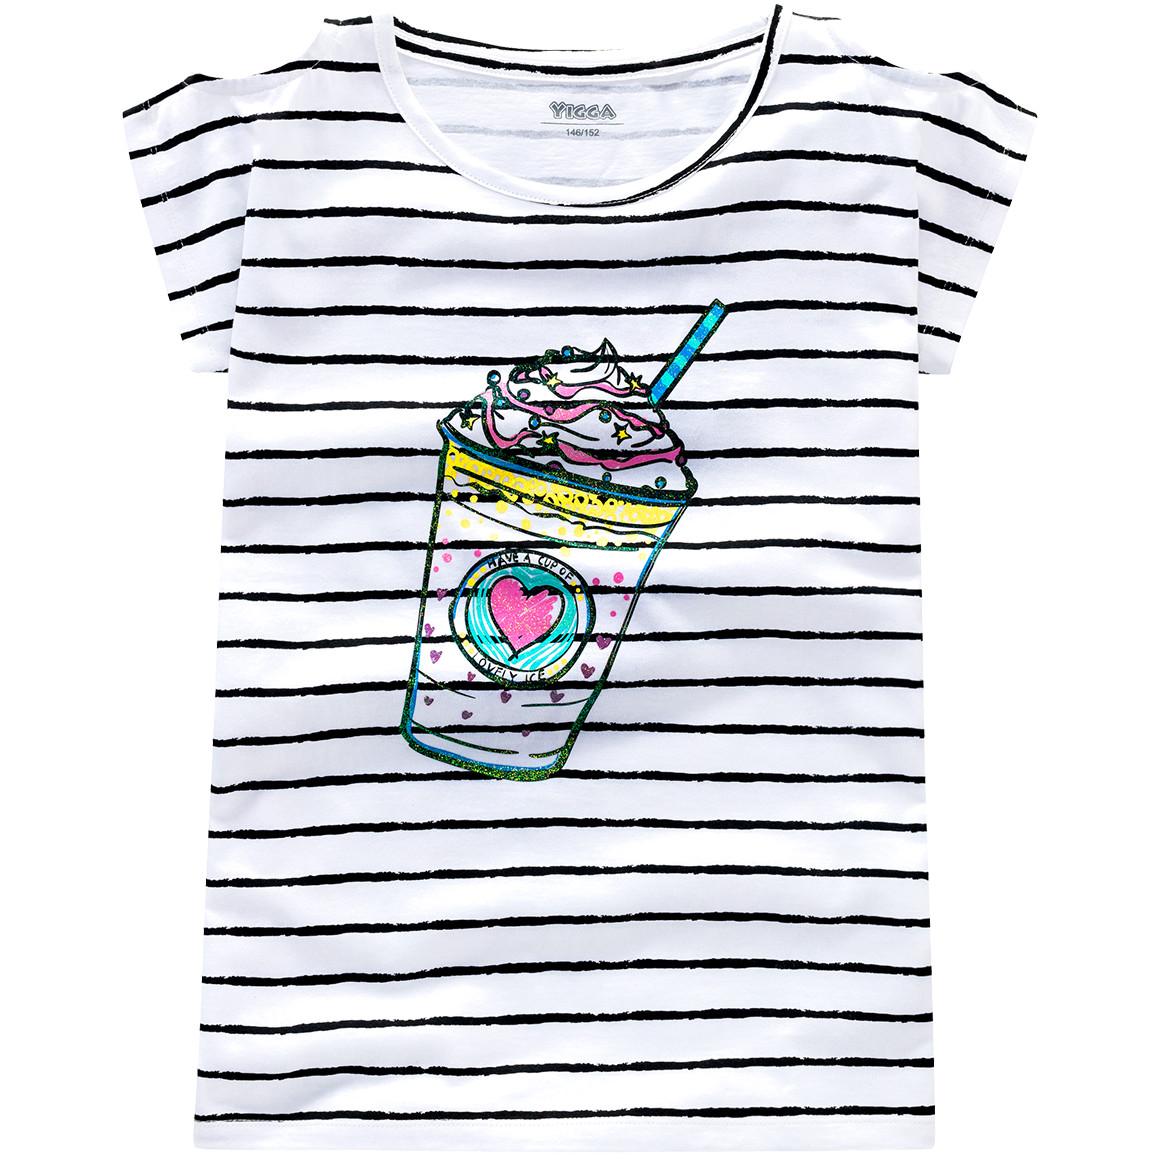 weiß gestreiftes T-Shirt mit Eisbecheraufdruck